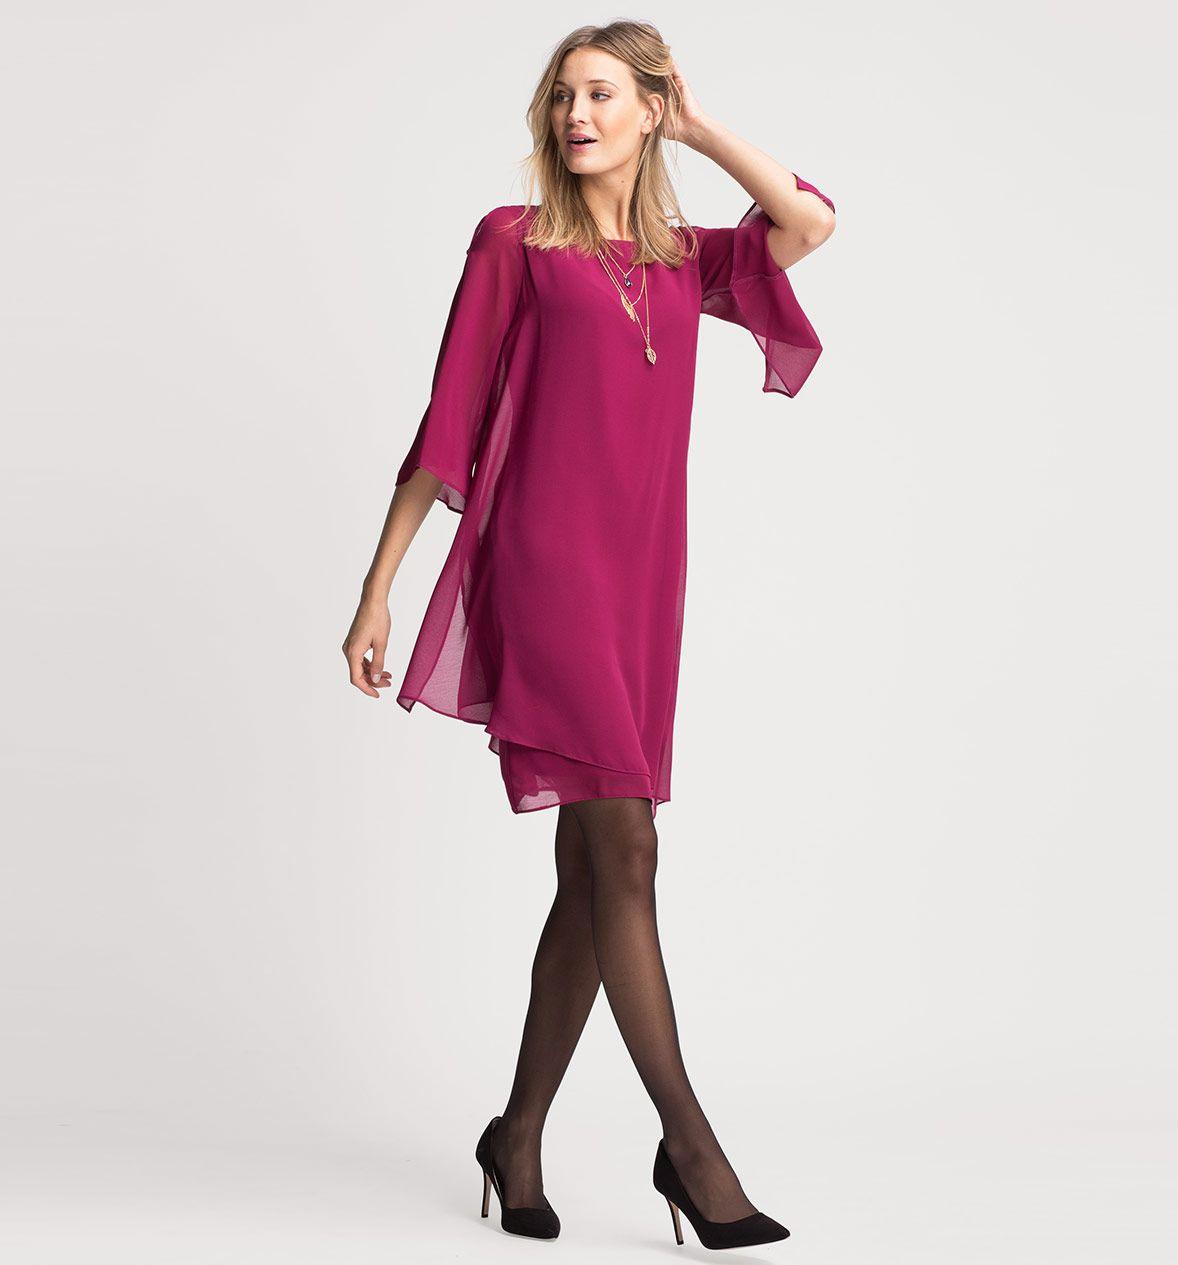 Damen Alle Kleider & Jumpsuits Günstig - Kleider & Jumpsuits